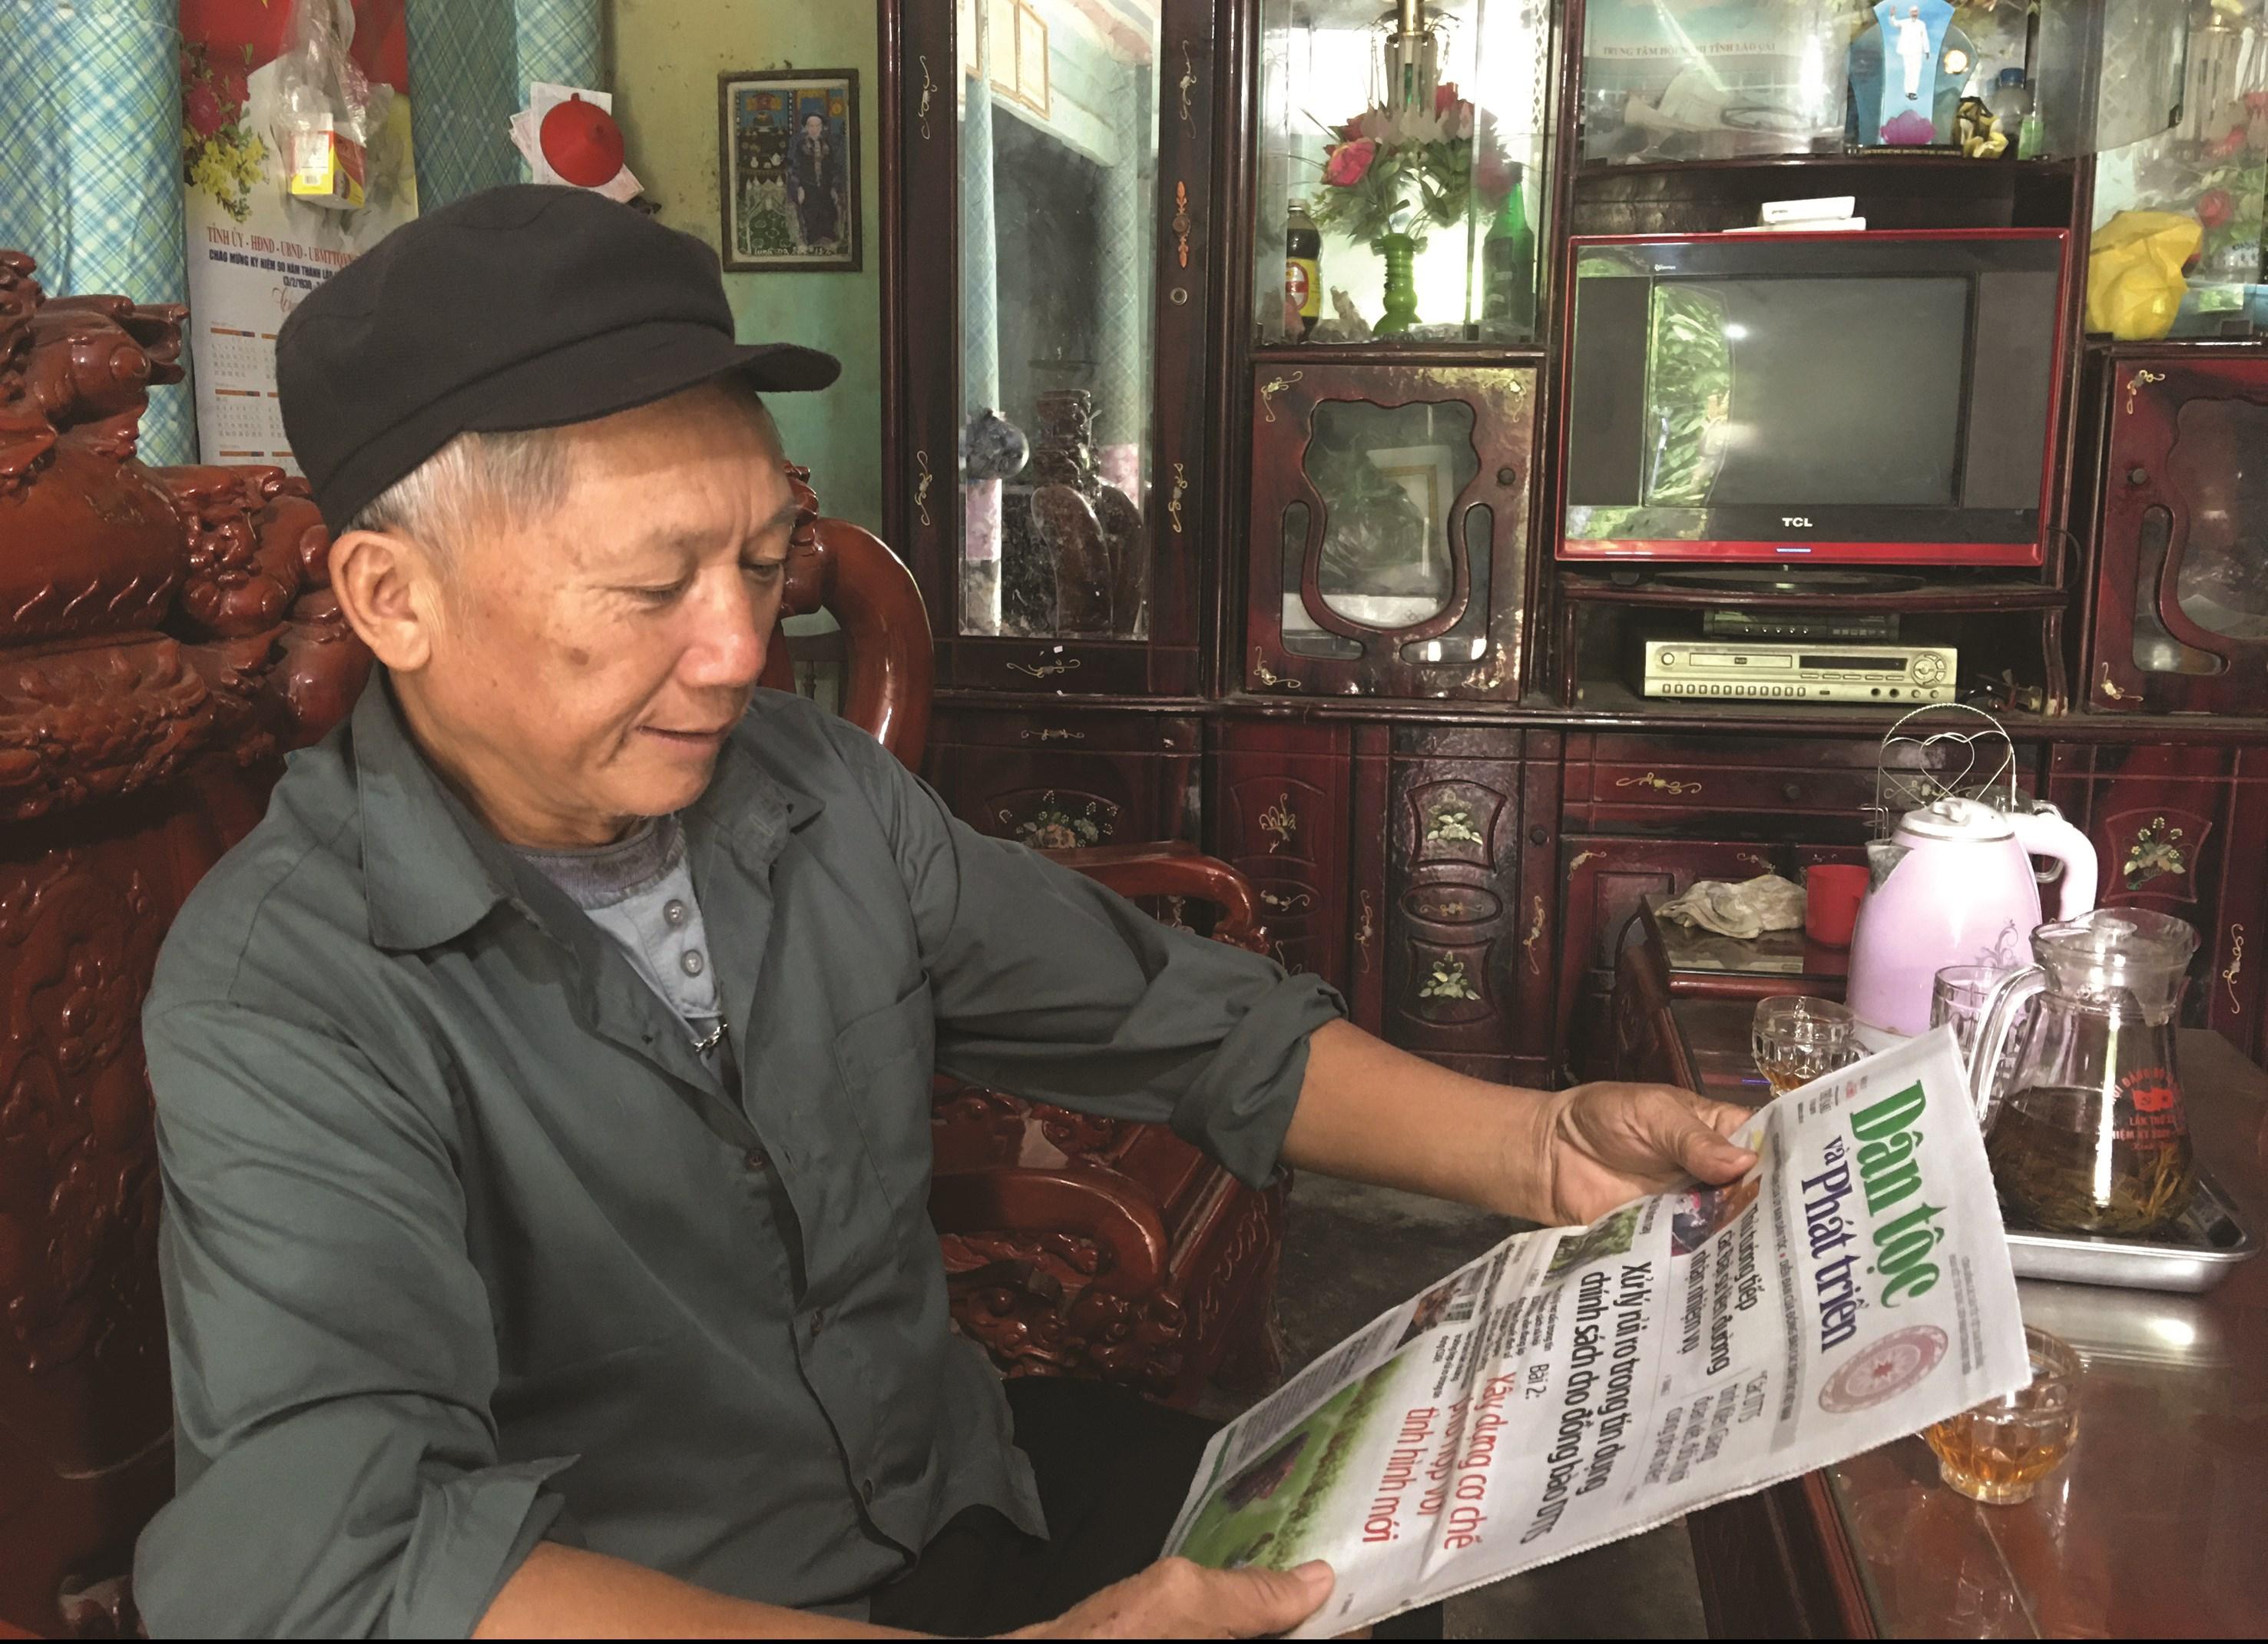 Đọc báo, xem ti vi, nghe đài cũng là một cách để ông Chín học được thêm nhiều kinh nghiệm hay, cách làm mới trong tuyên truyền, vận động bà con phát triển kinh tế, xóa đói giảm nghèo.